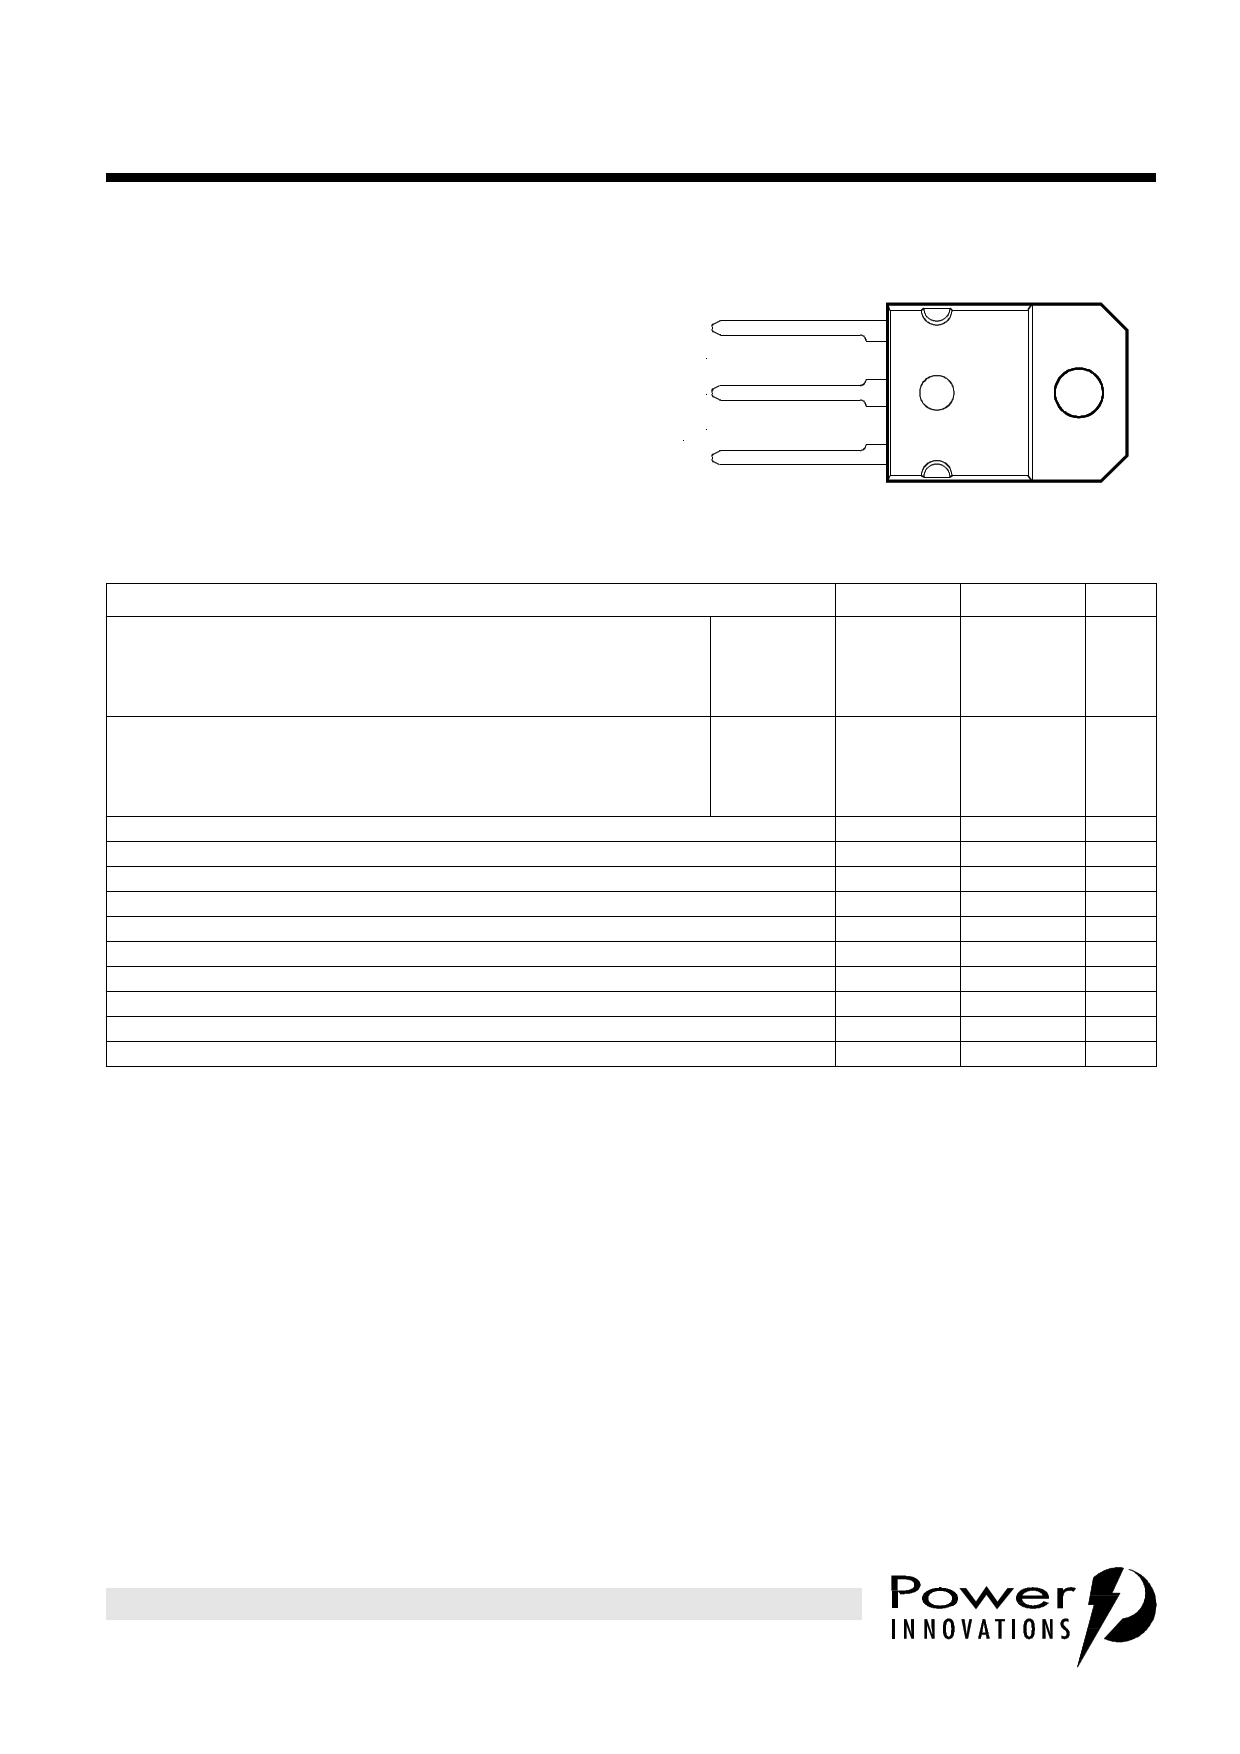 BD246A datasheet